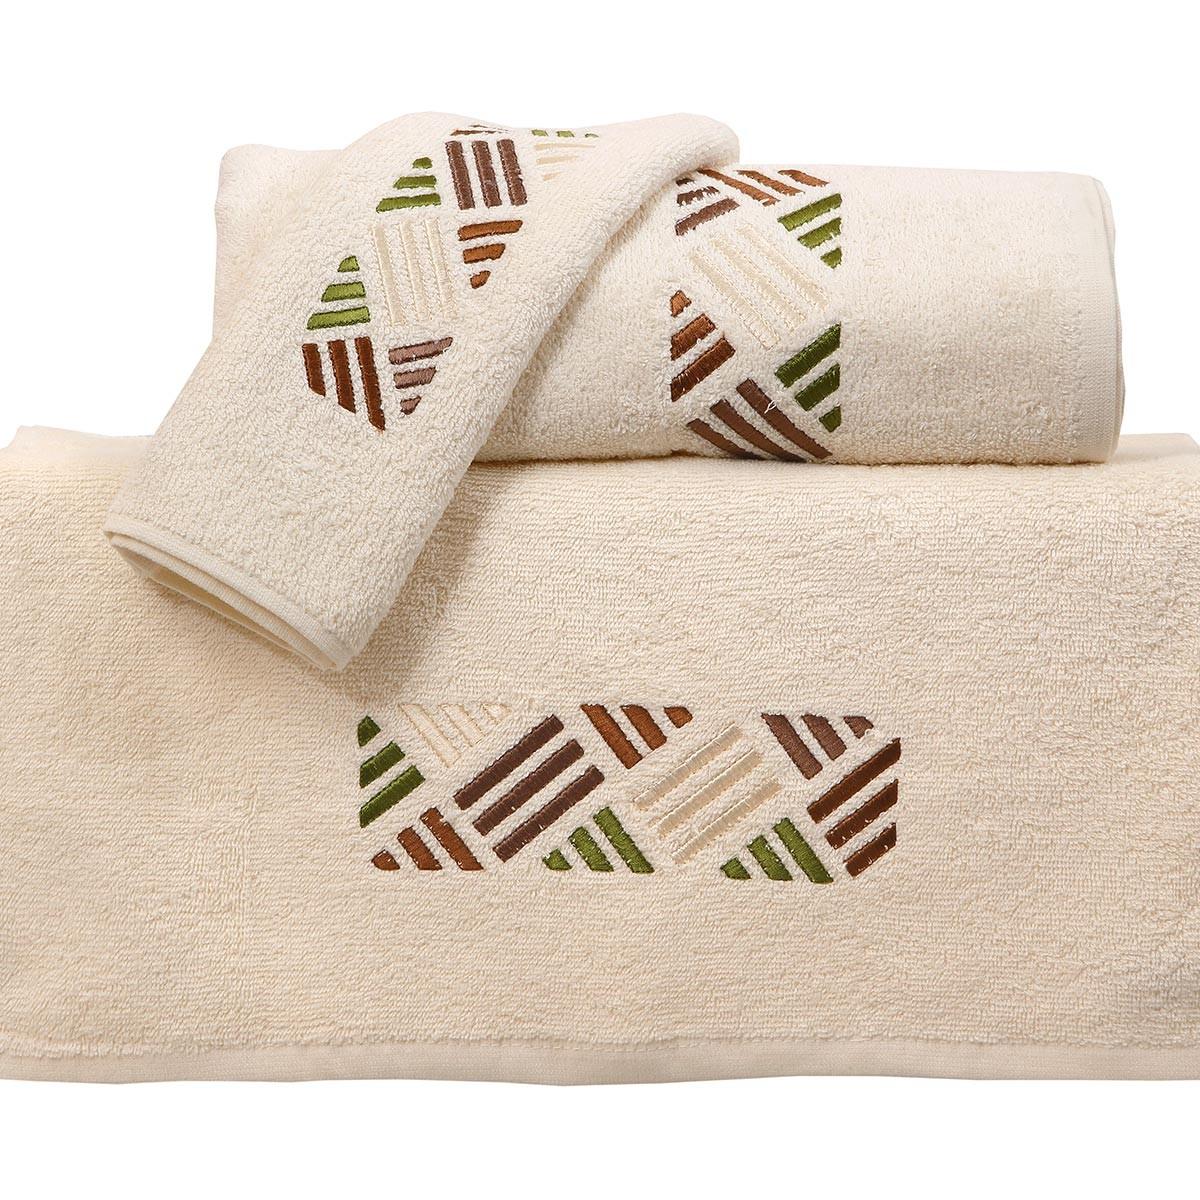 Πετσέτες Μπάνιου (Σετ 3τμχ) Viopros Applique Σχ29